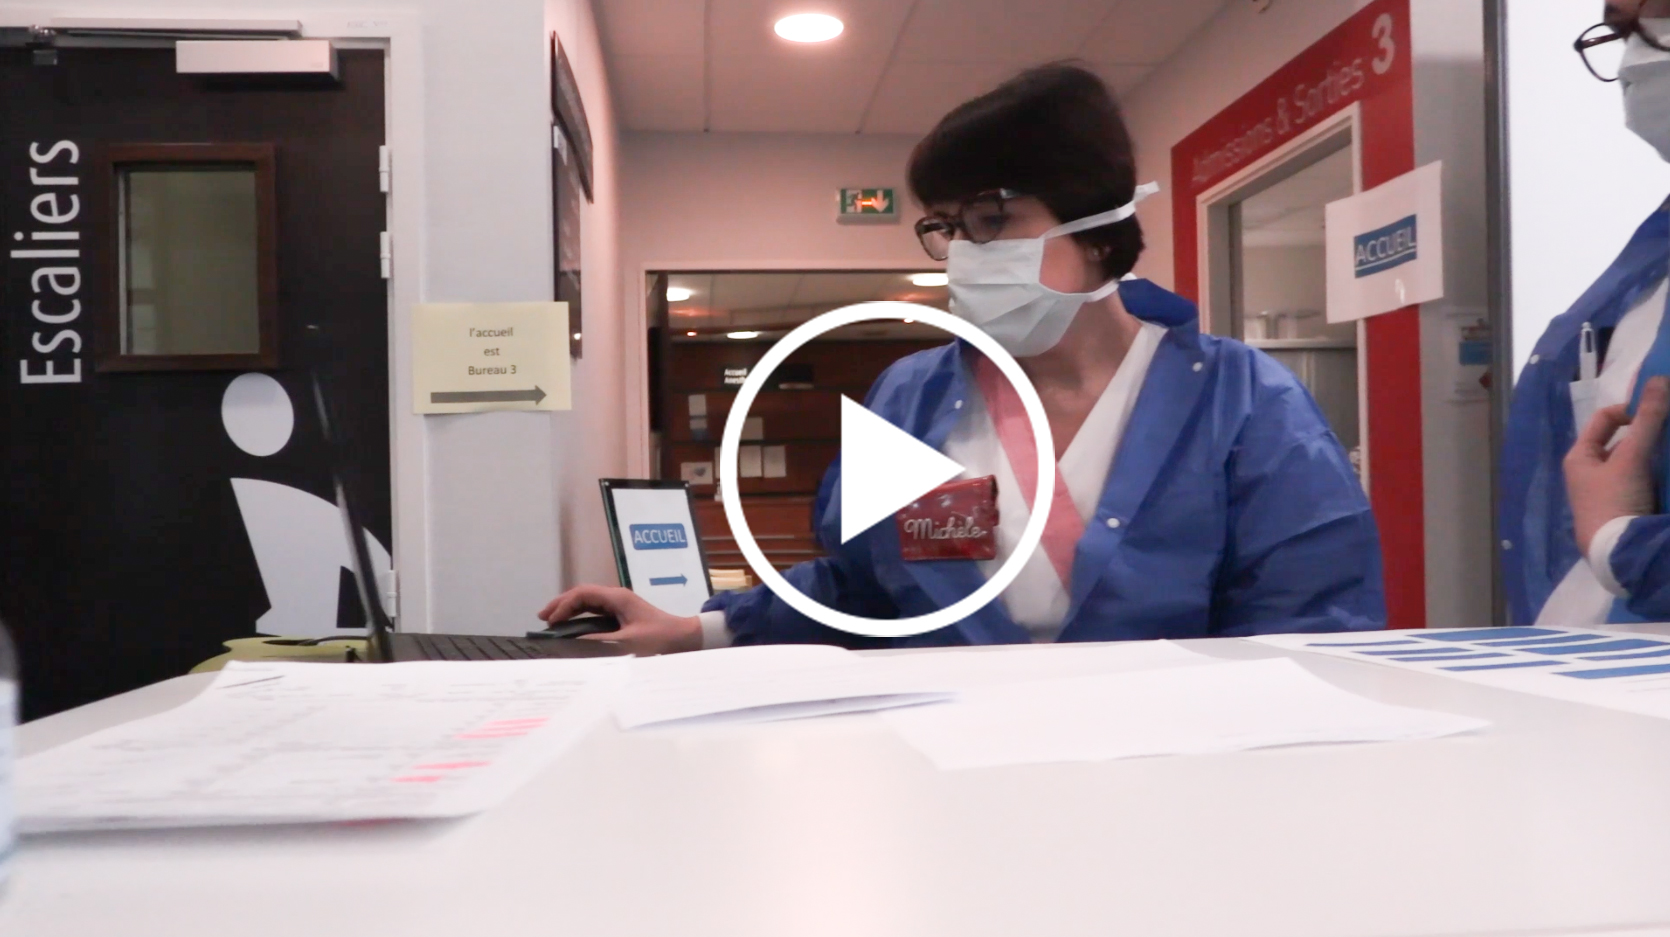 Le fonctionnement de la clinique à l'heure du COVID-19, expliqué en vidéo